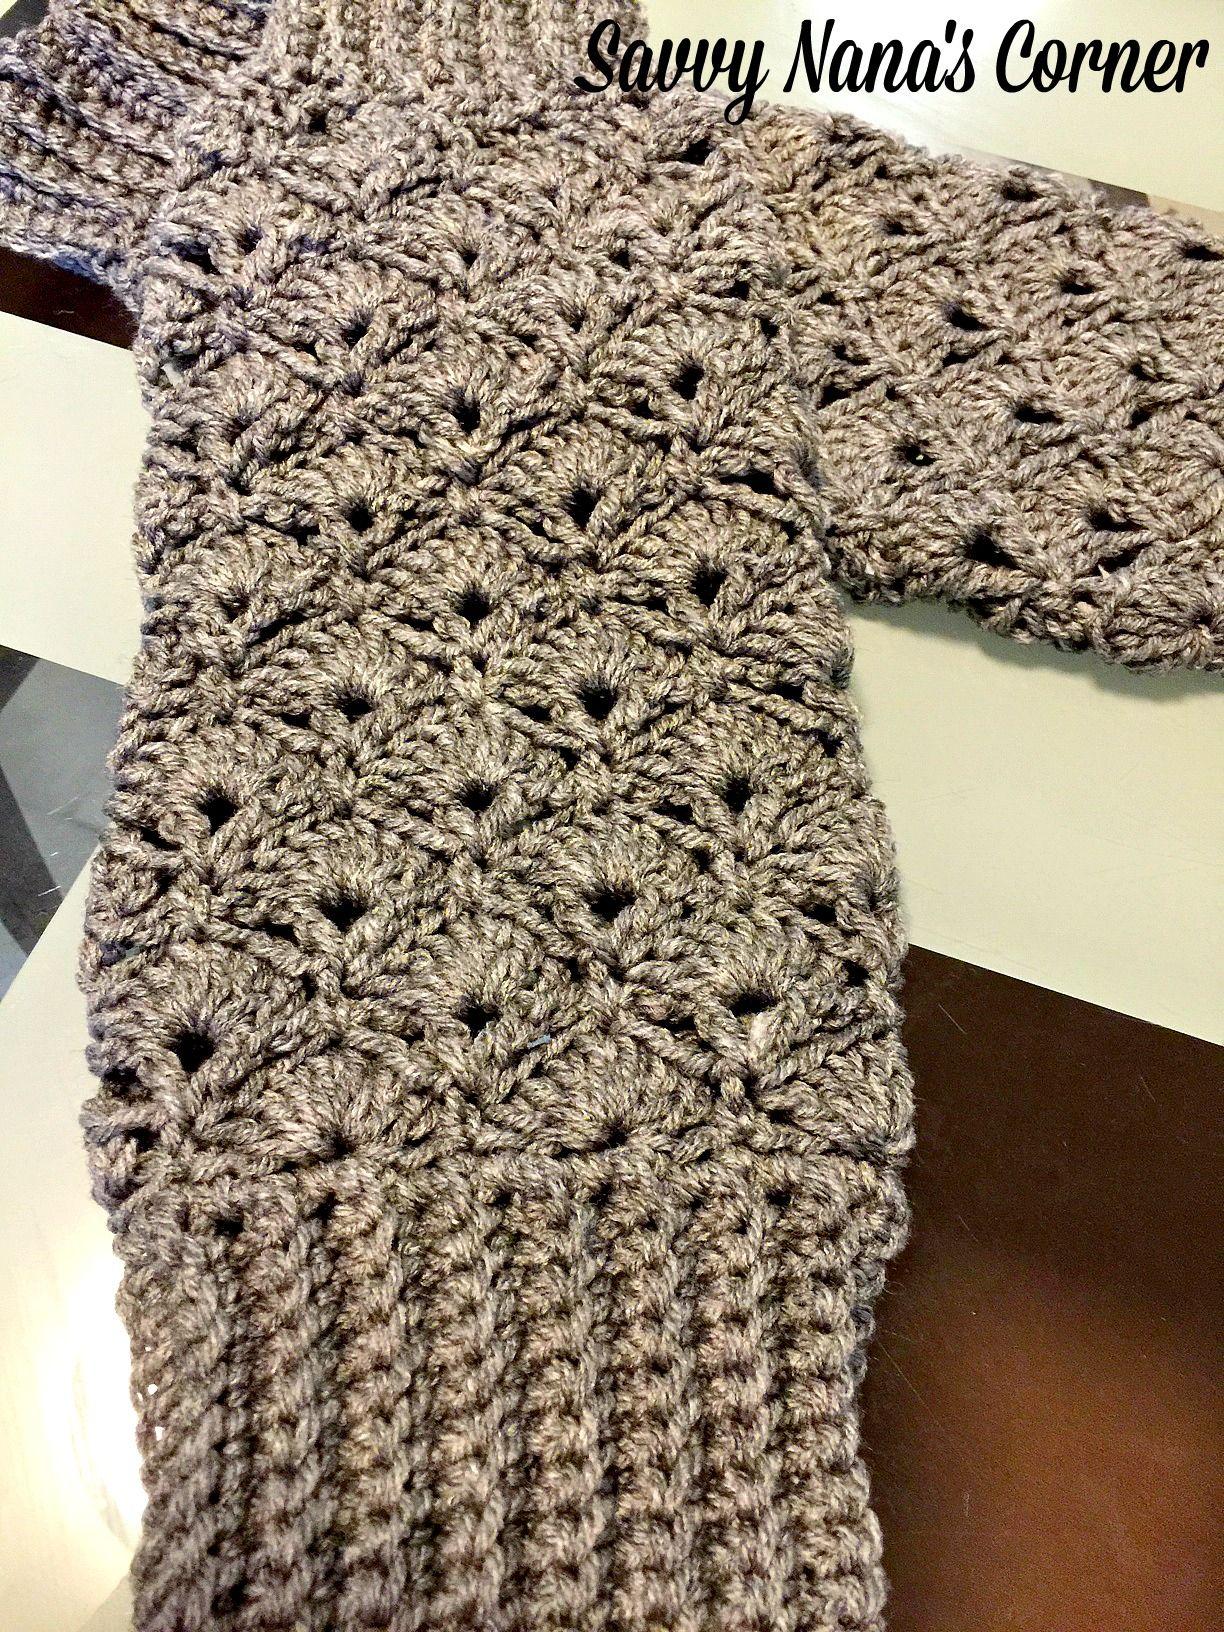 Art Deco Legwarmers Free Pattern Leg Warmers Crochet Pattern Crochet Leg Warmers Crochet